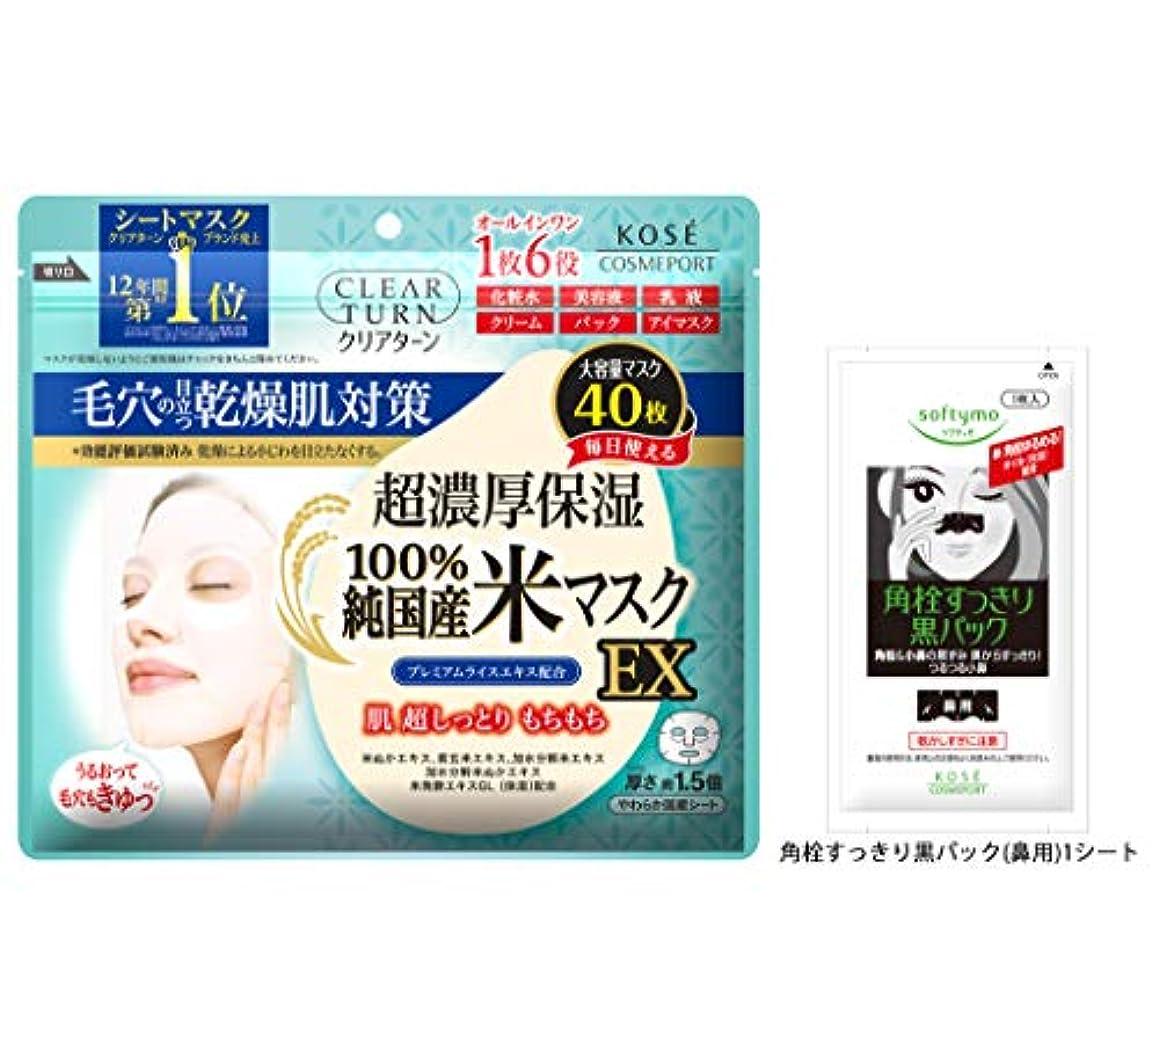 ロデオ割り込みプライム【Amazon.co.jp限定】 クリアターン 純国産米 フェイスマスク EX 40枚入 サンプル付 フェイスパック 40枚+サンプル付